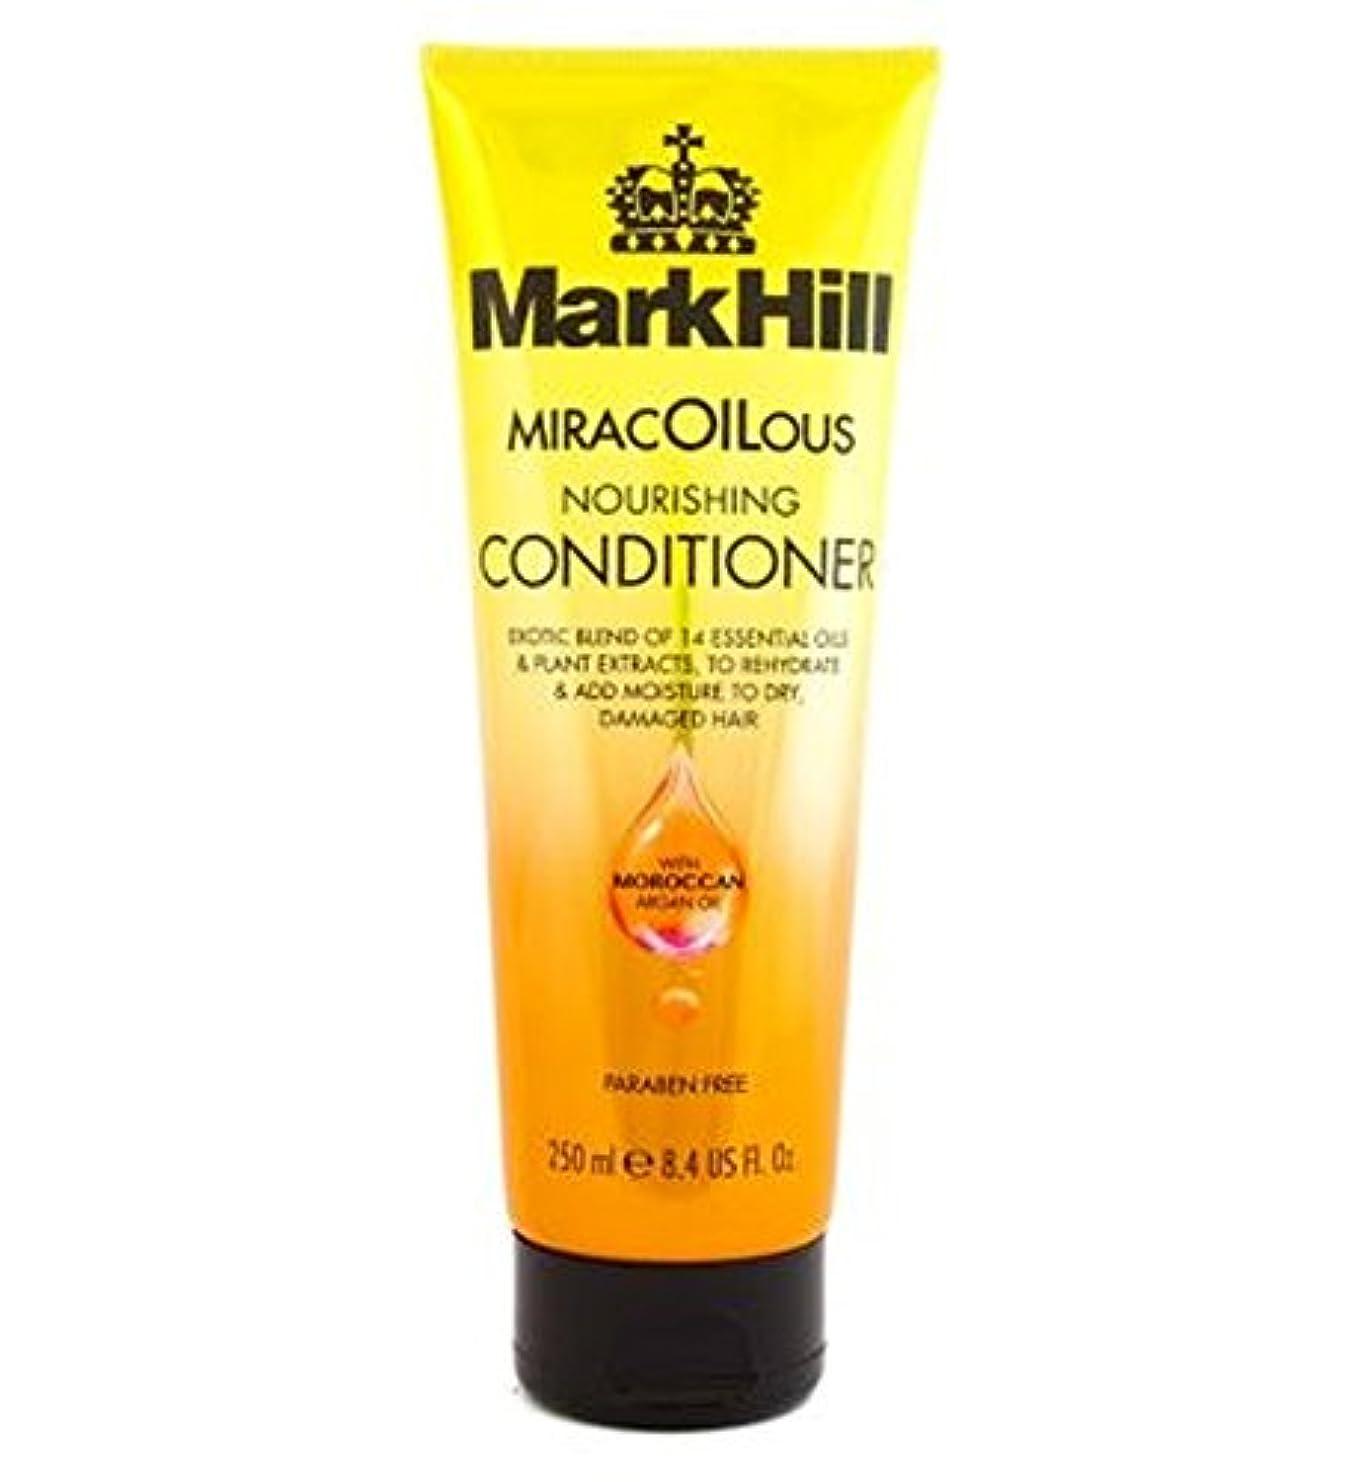 ホールド罪人湖Mark Hill MiracOILicious Conditioner 250ml - マーク丘Miracoiliciousコンディショナー250Ml (Mark Hill) [並行輸入品]